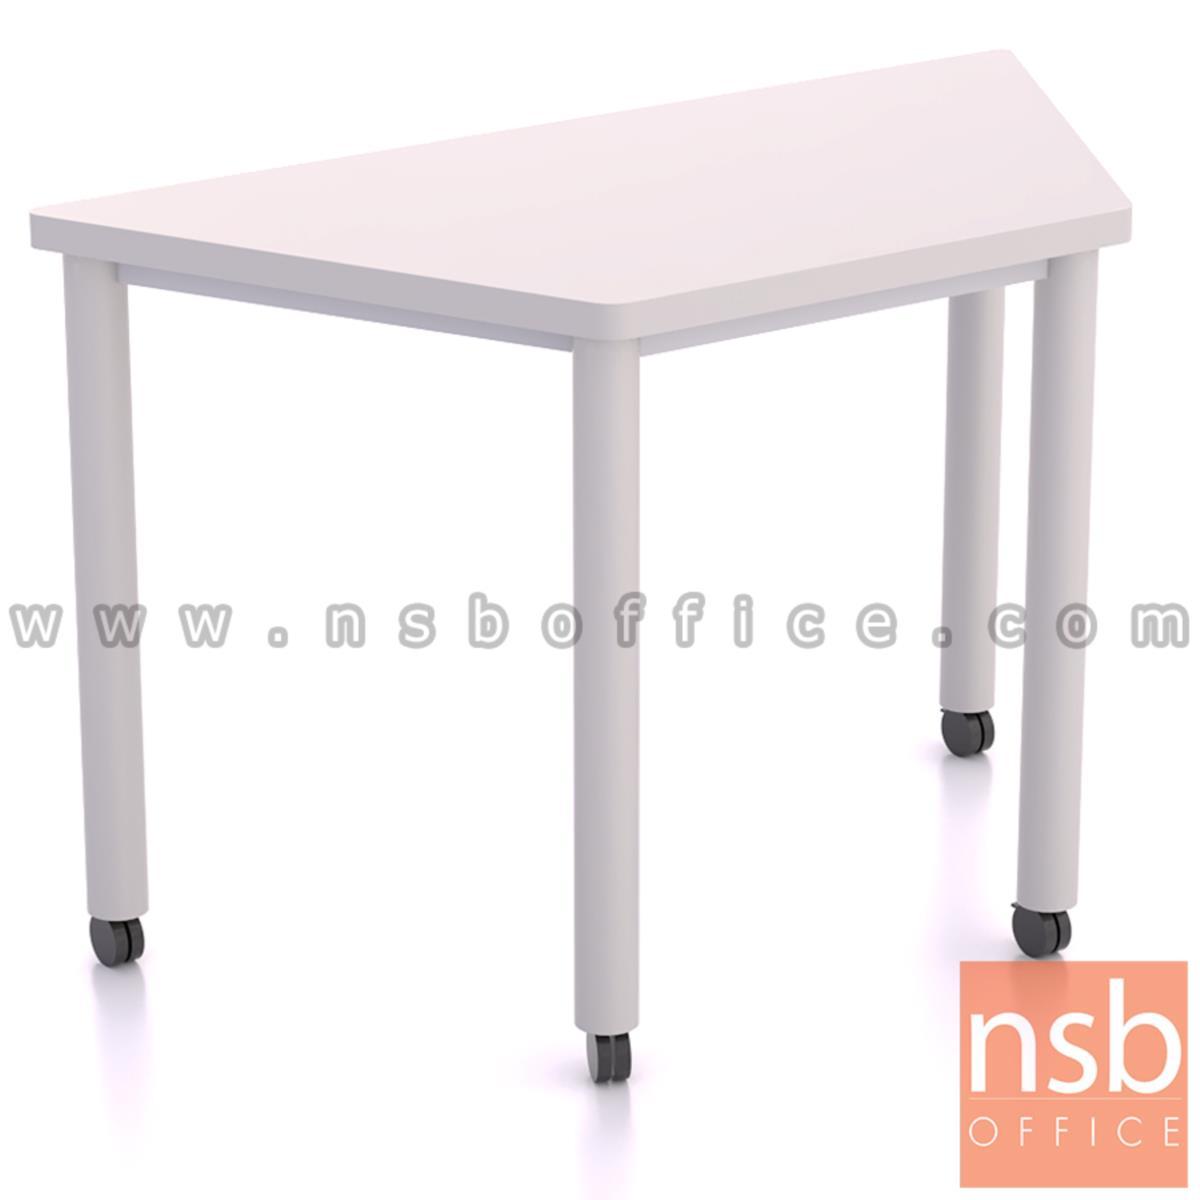 B30A062:โต๊ะทำงานทรงคางหมูล้อเลื่อน รุ่น Malfoy (มัลฟอย) ขนาด  120W cm. โครงขาสีขาว